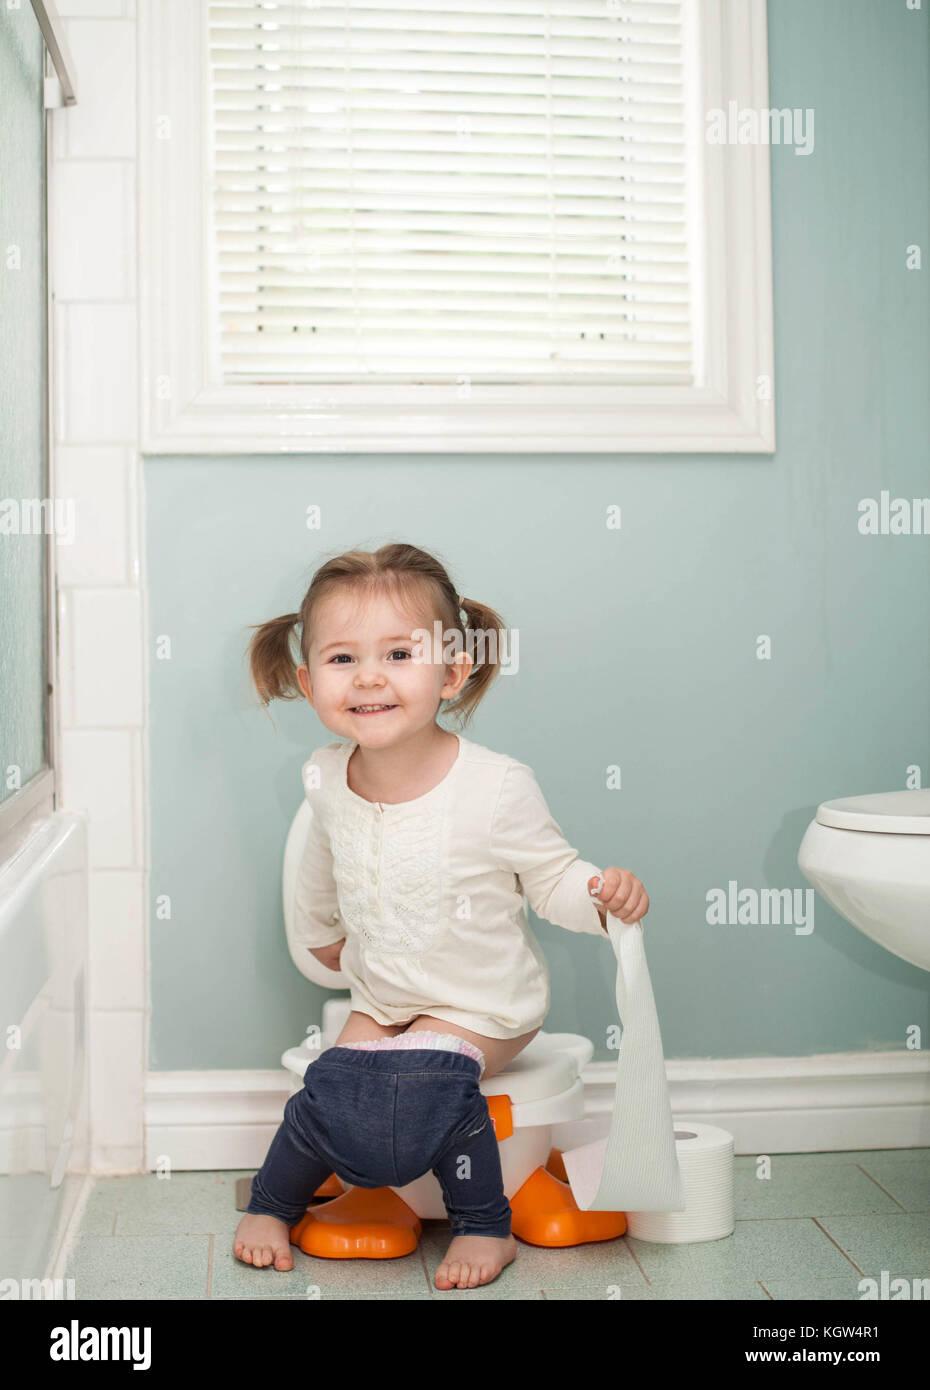 girl bathroom Young candid